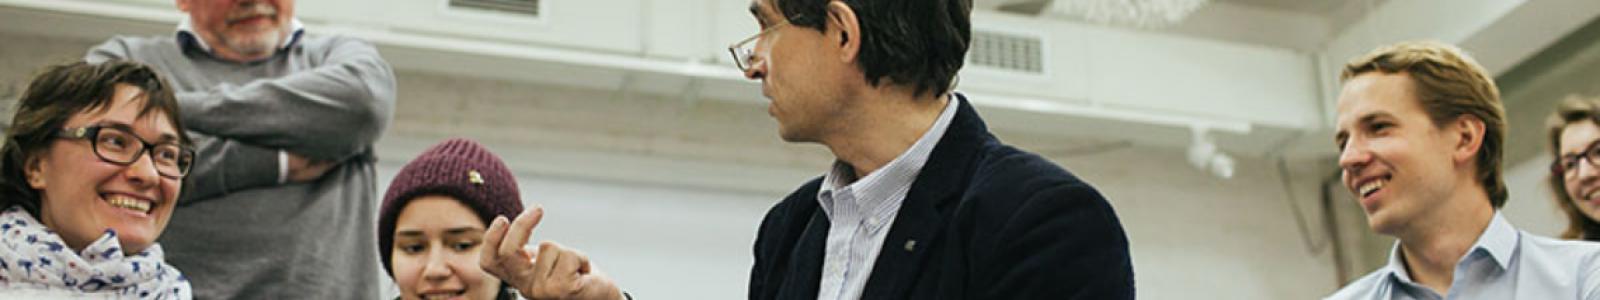 Gallery Photographer Arturas Jonauskas